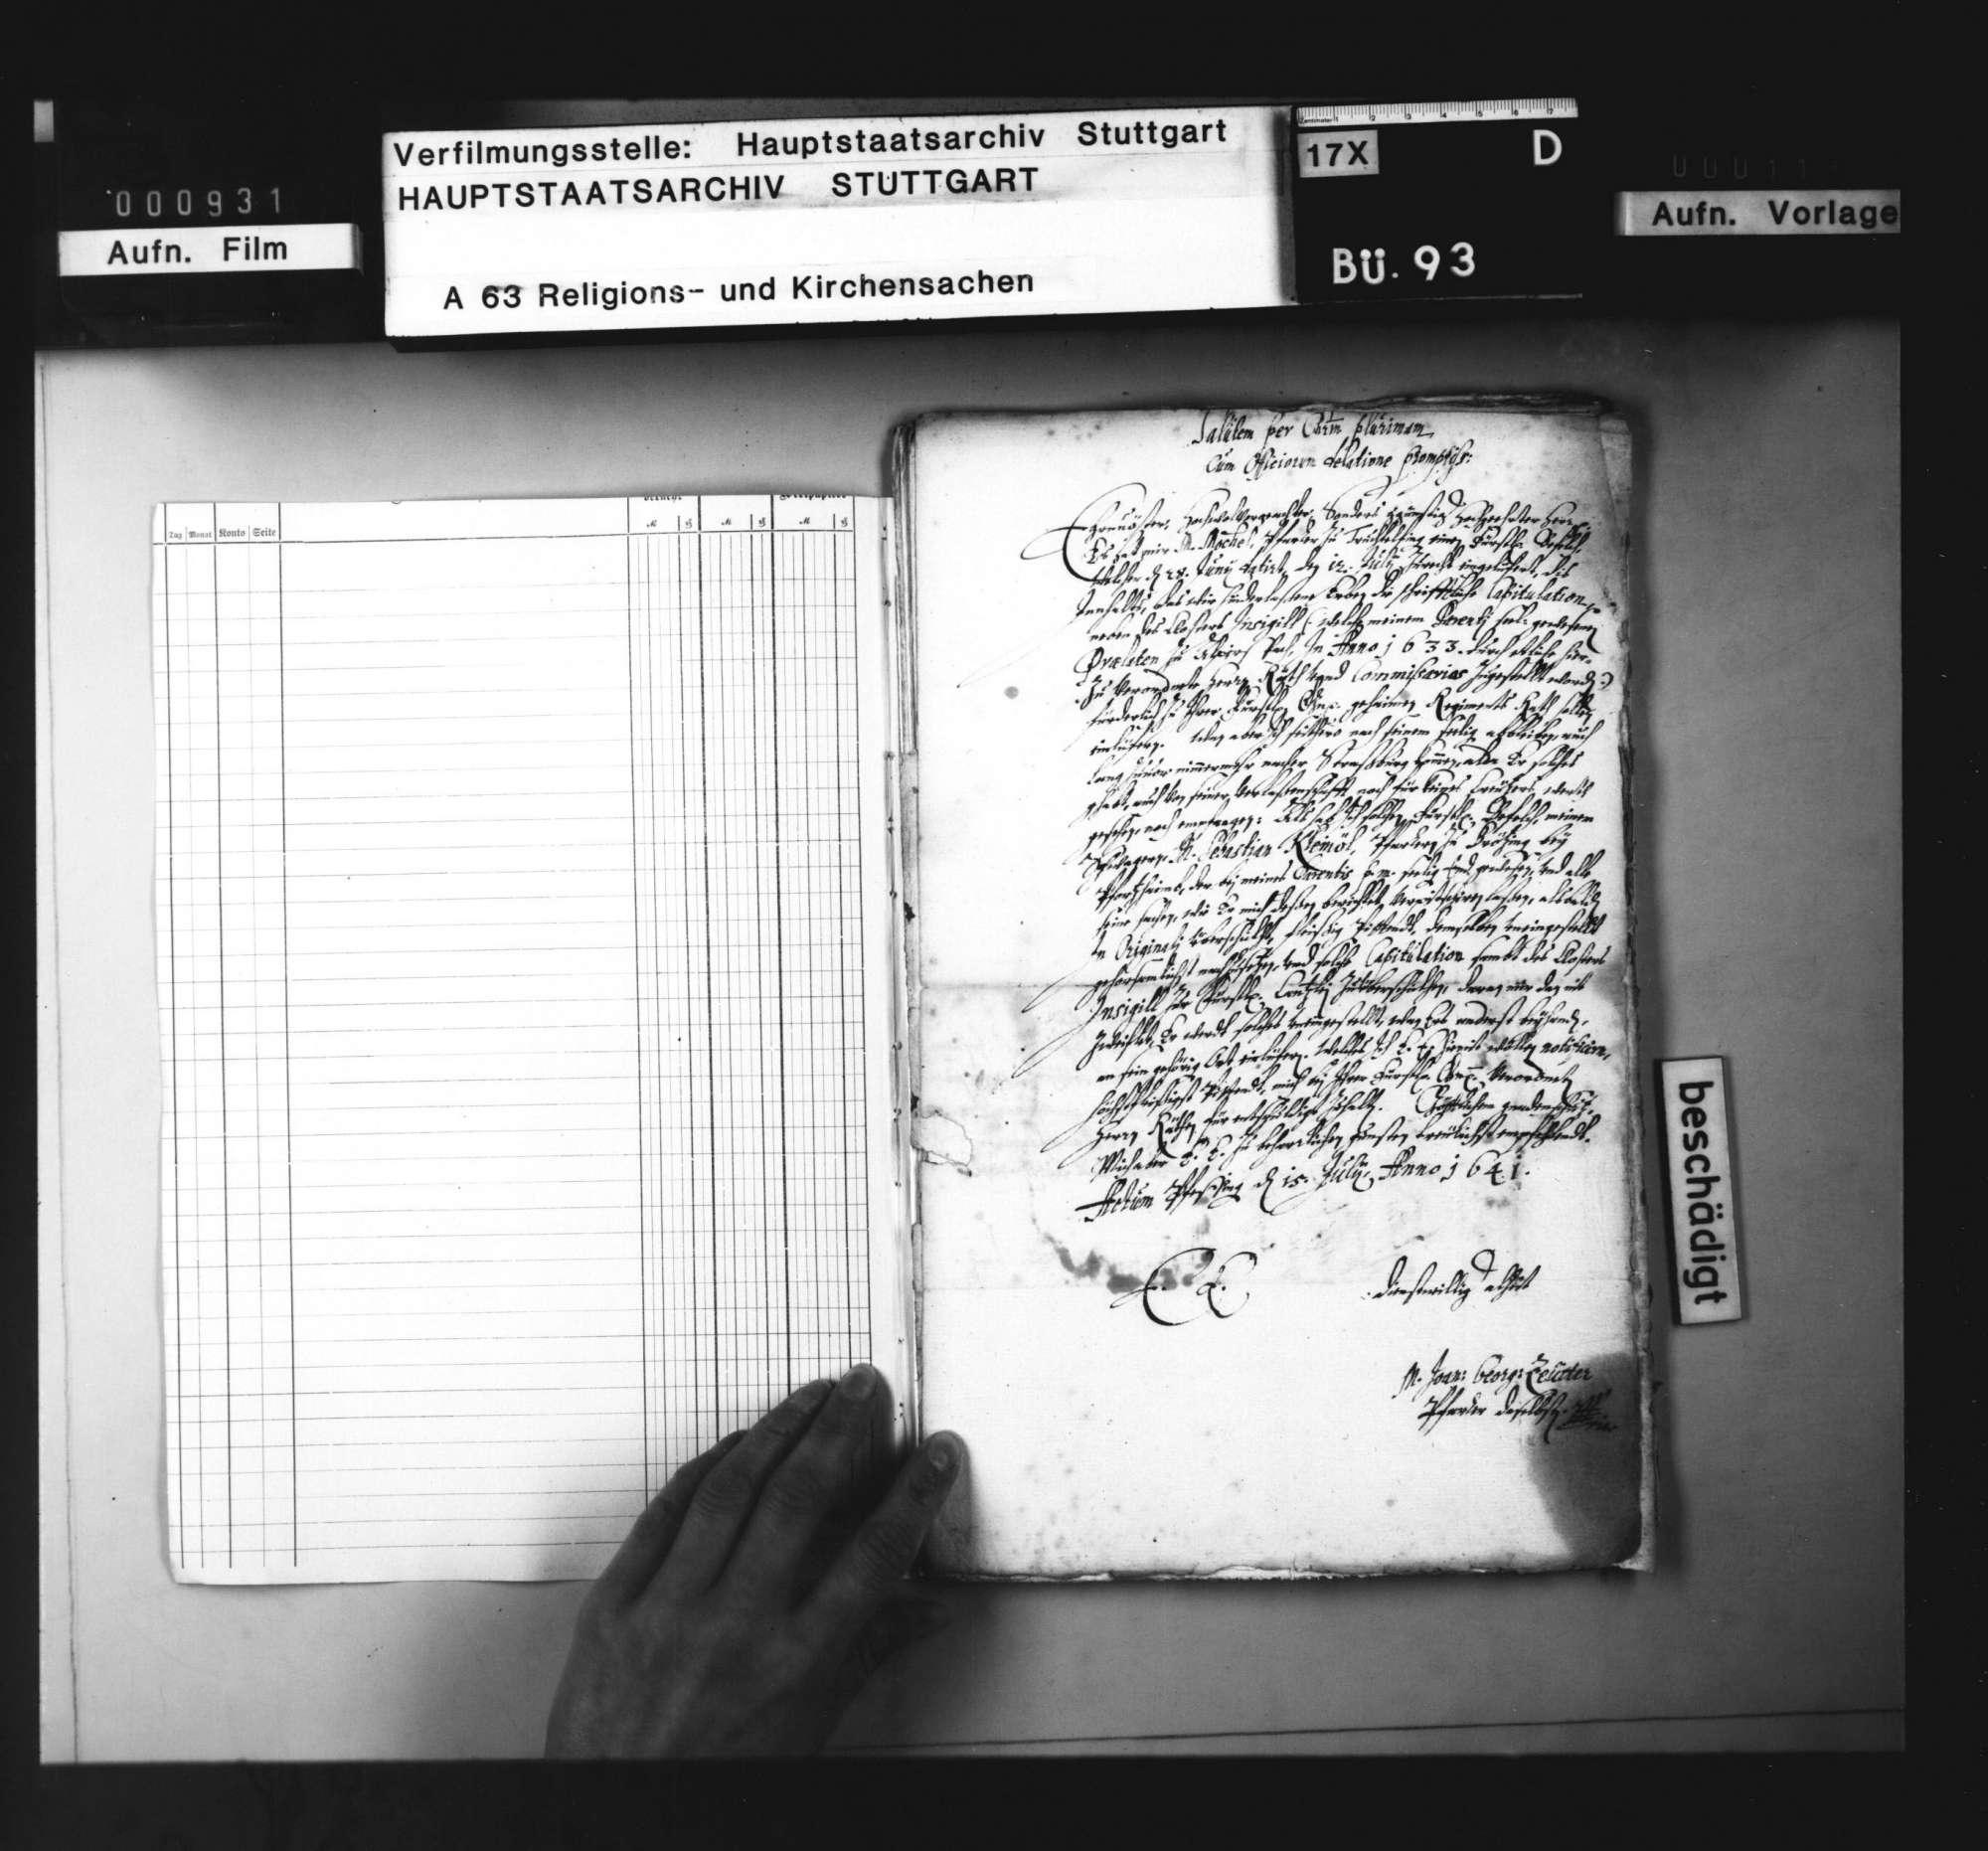 Anbringen der Kirchenräte an Herzog Eberhard III., den 1633/34 eingesetzten Pröpsten und Prälaten im Land die ihnen übergebenen Siegel und Kapitulationen abzufordern., Bild 2